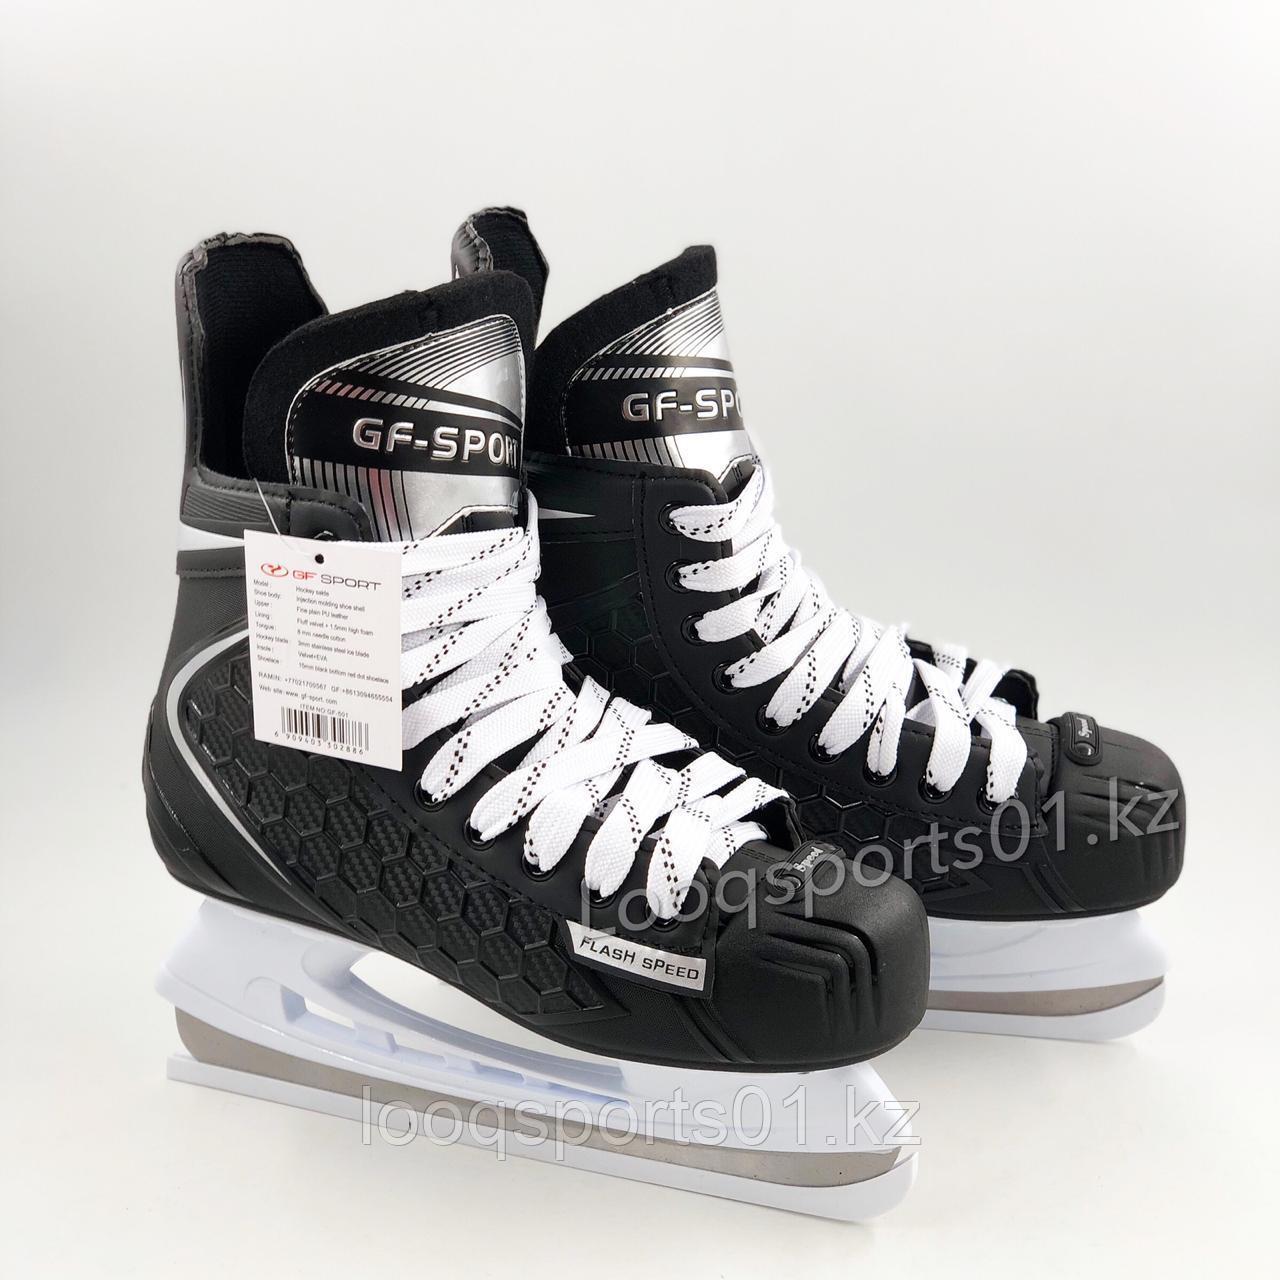 Коньки хоккейные мужские (40р)